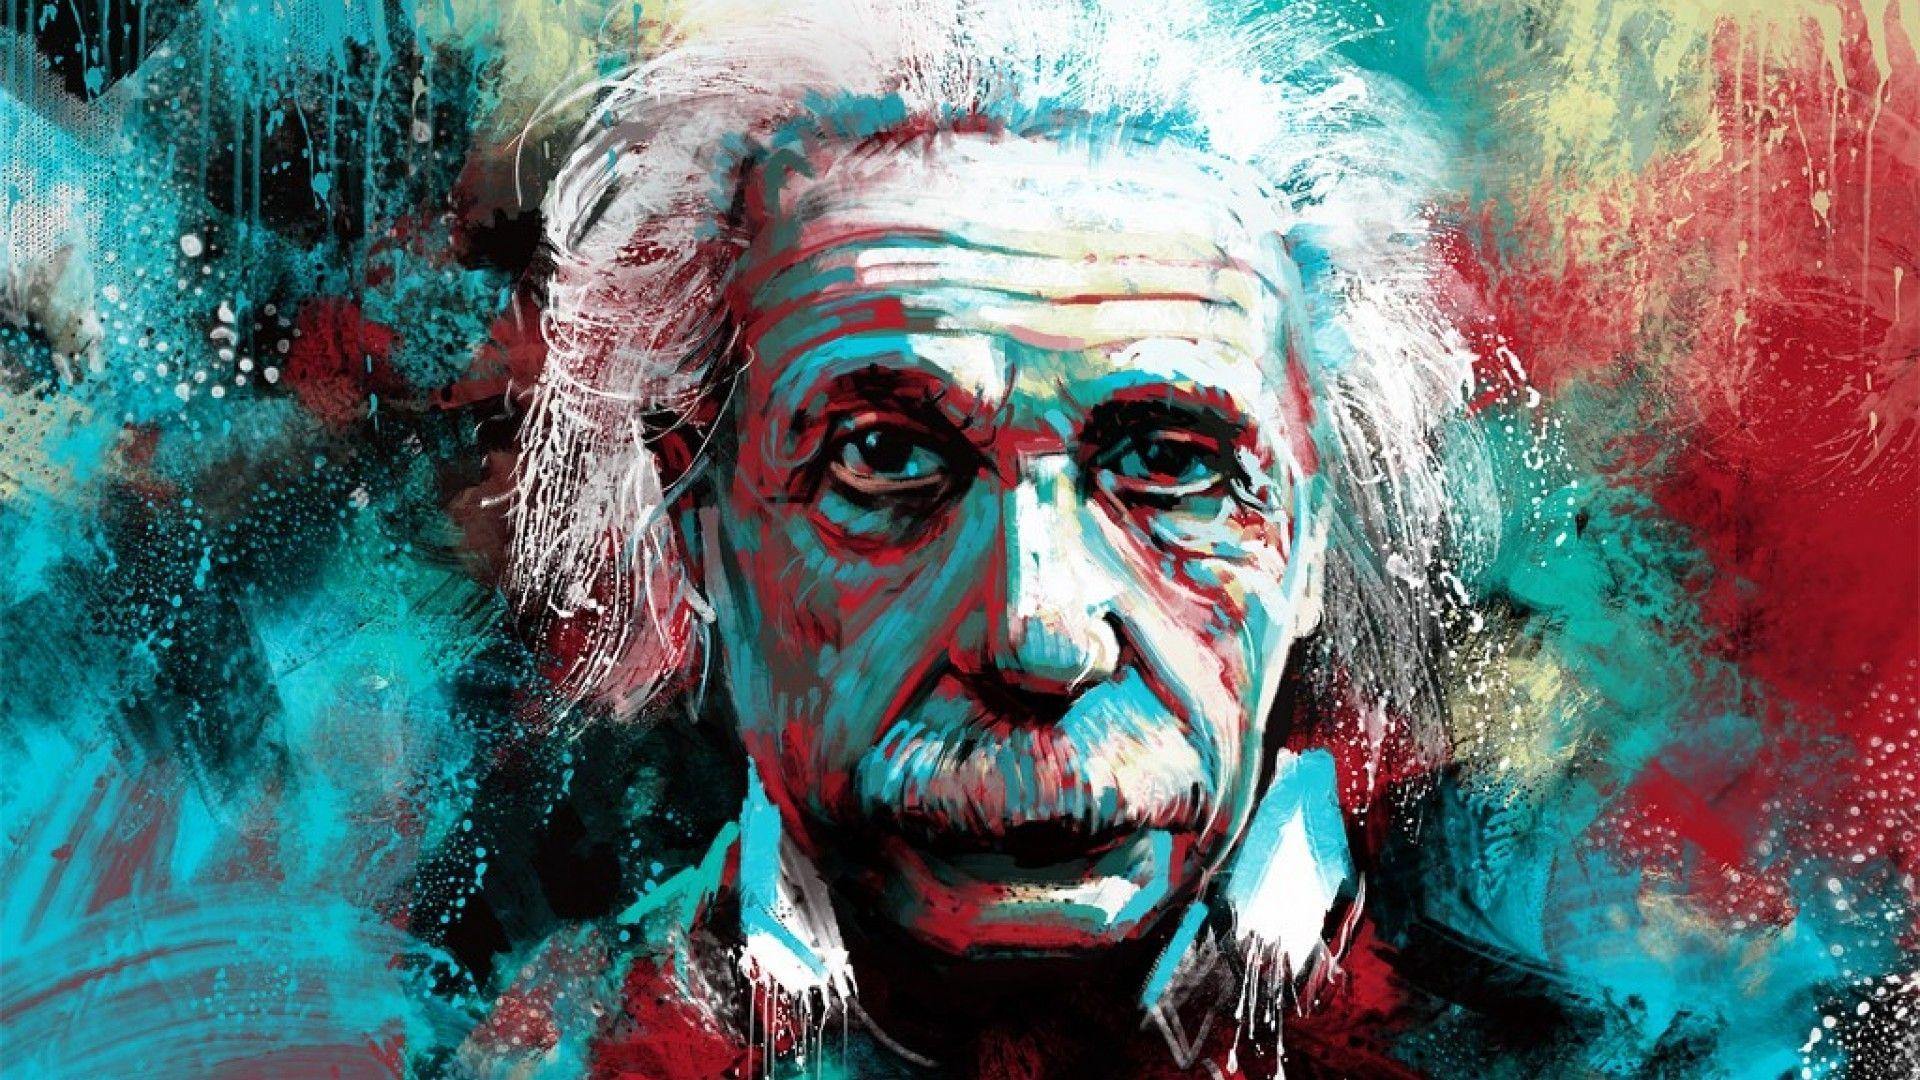 Einstein Graffiti Wallpapers   Top Einstein Graffiti 1920x1080